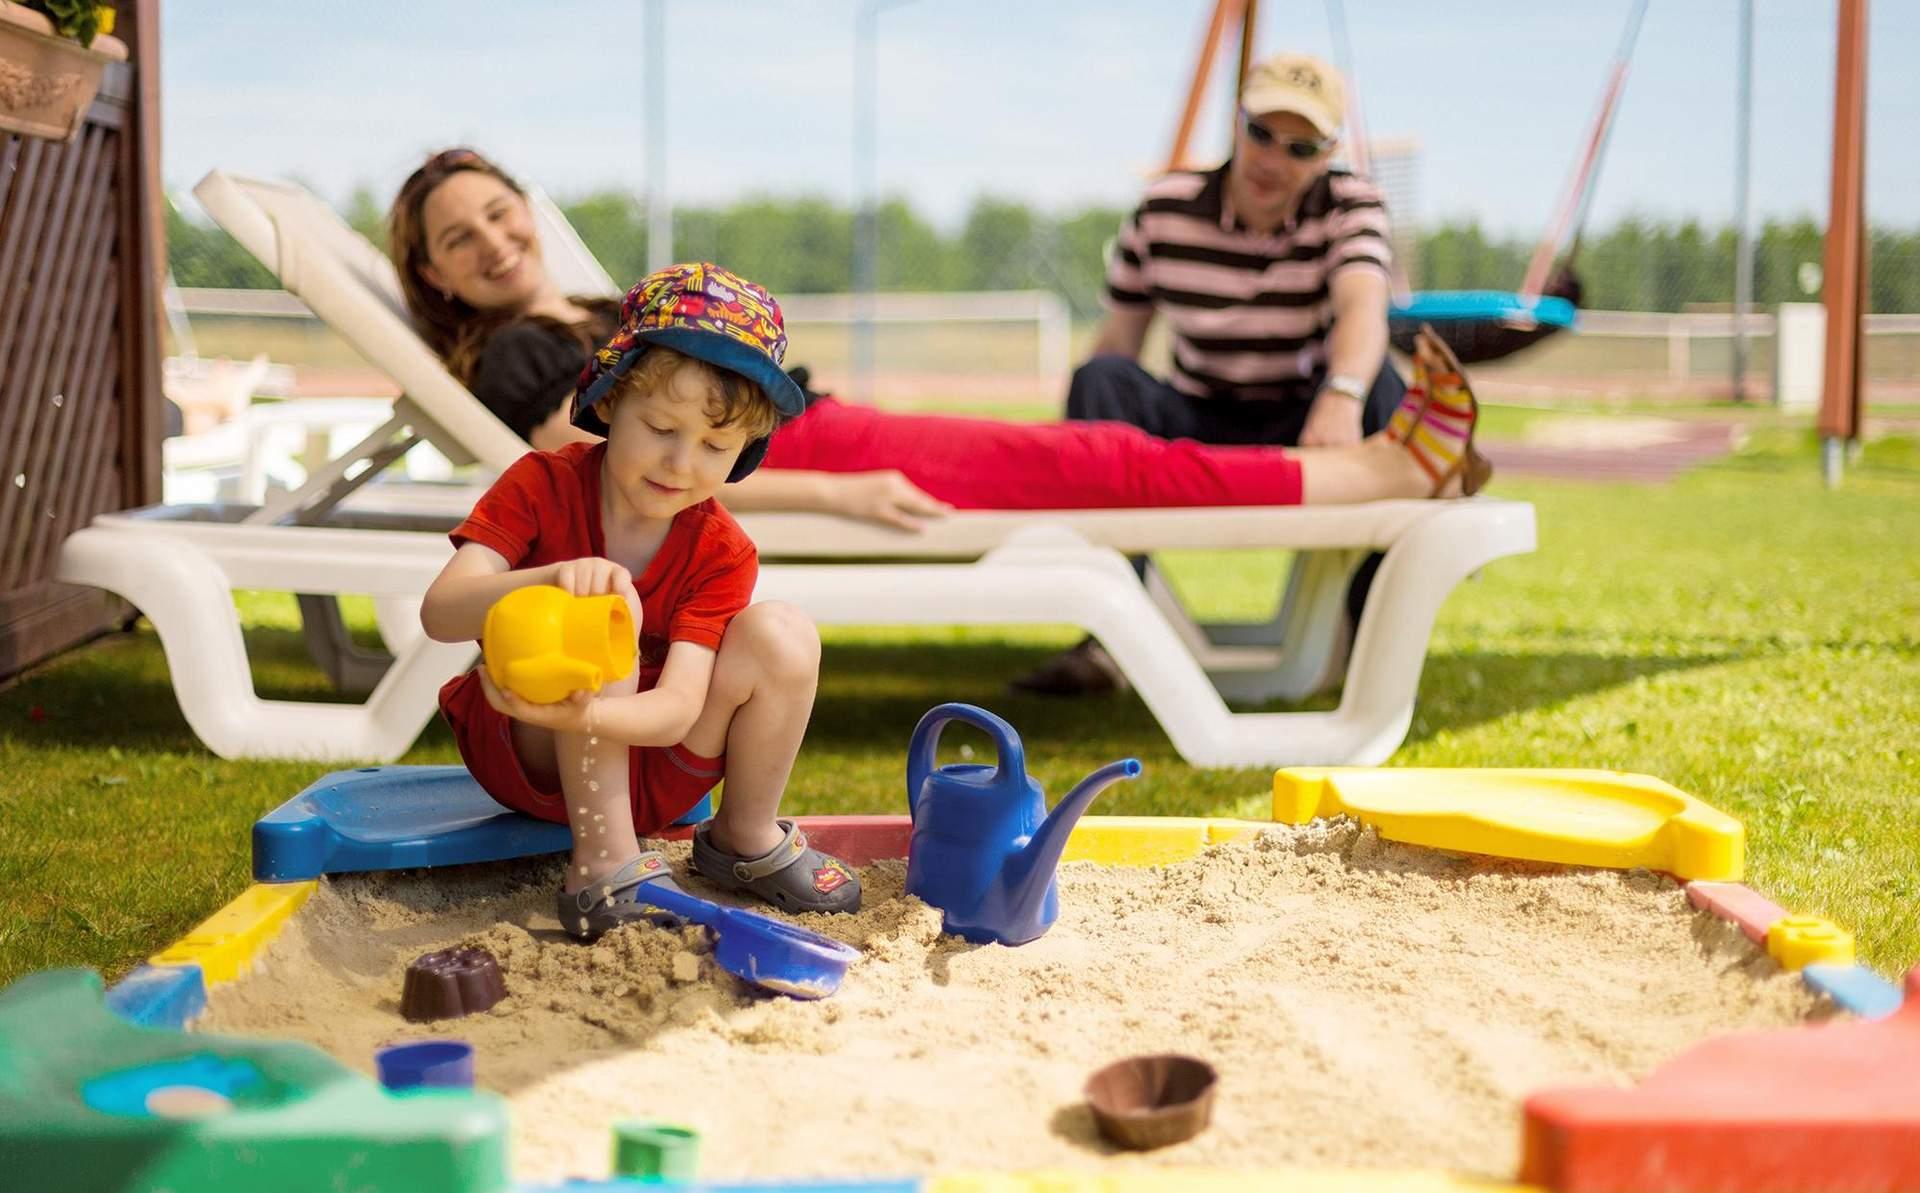 Spielen in der Sandkiste